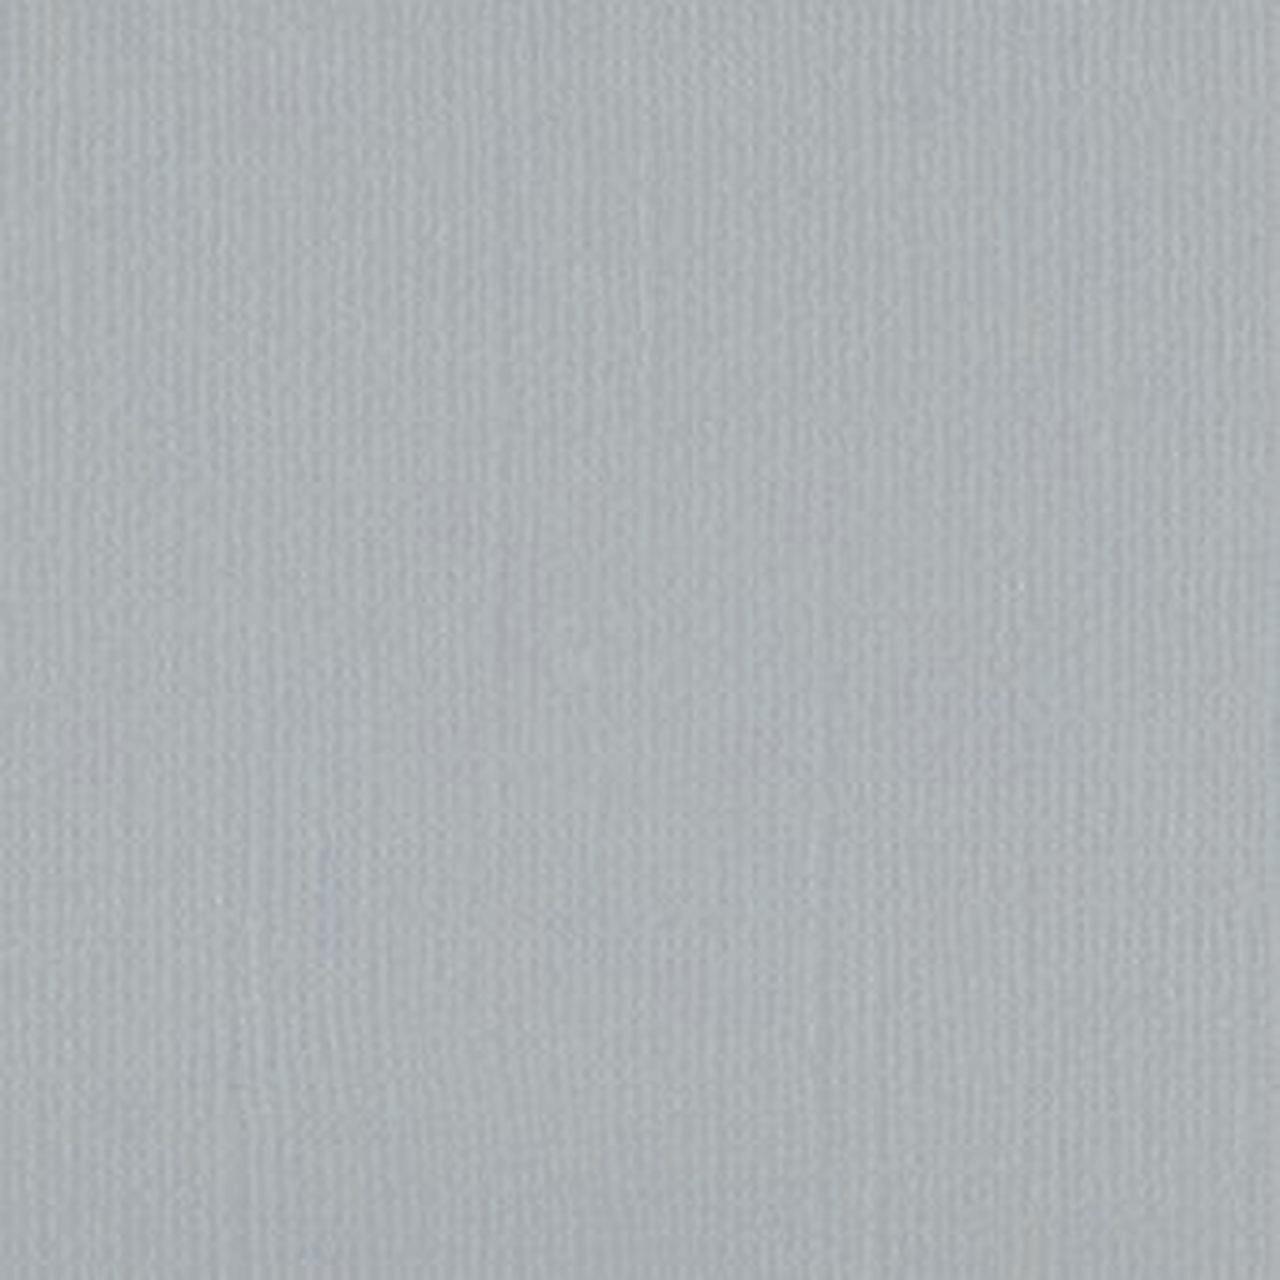 Linen Cardstock - Haze